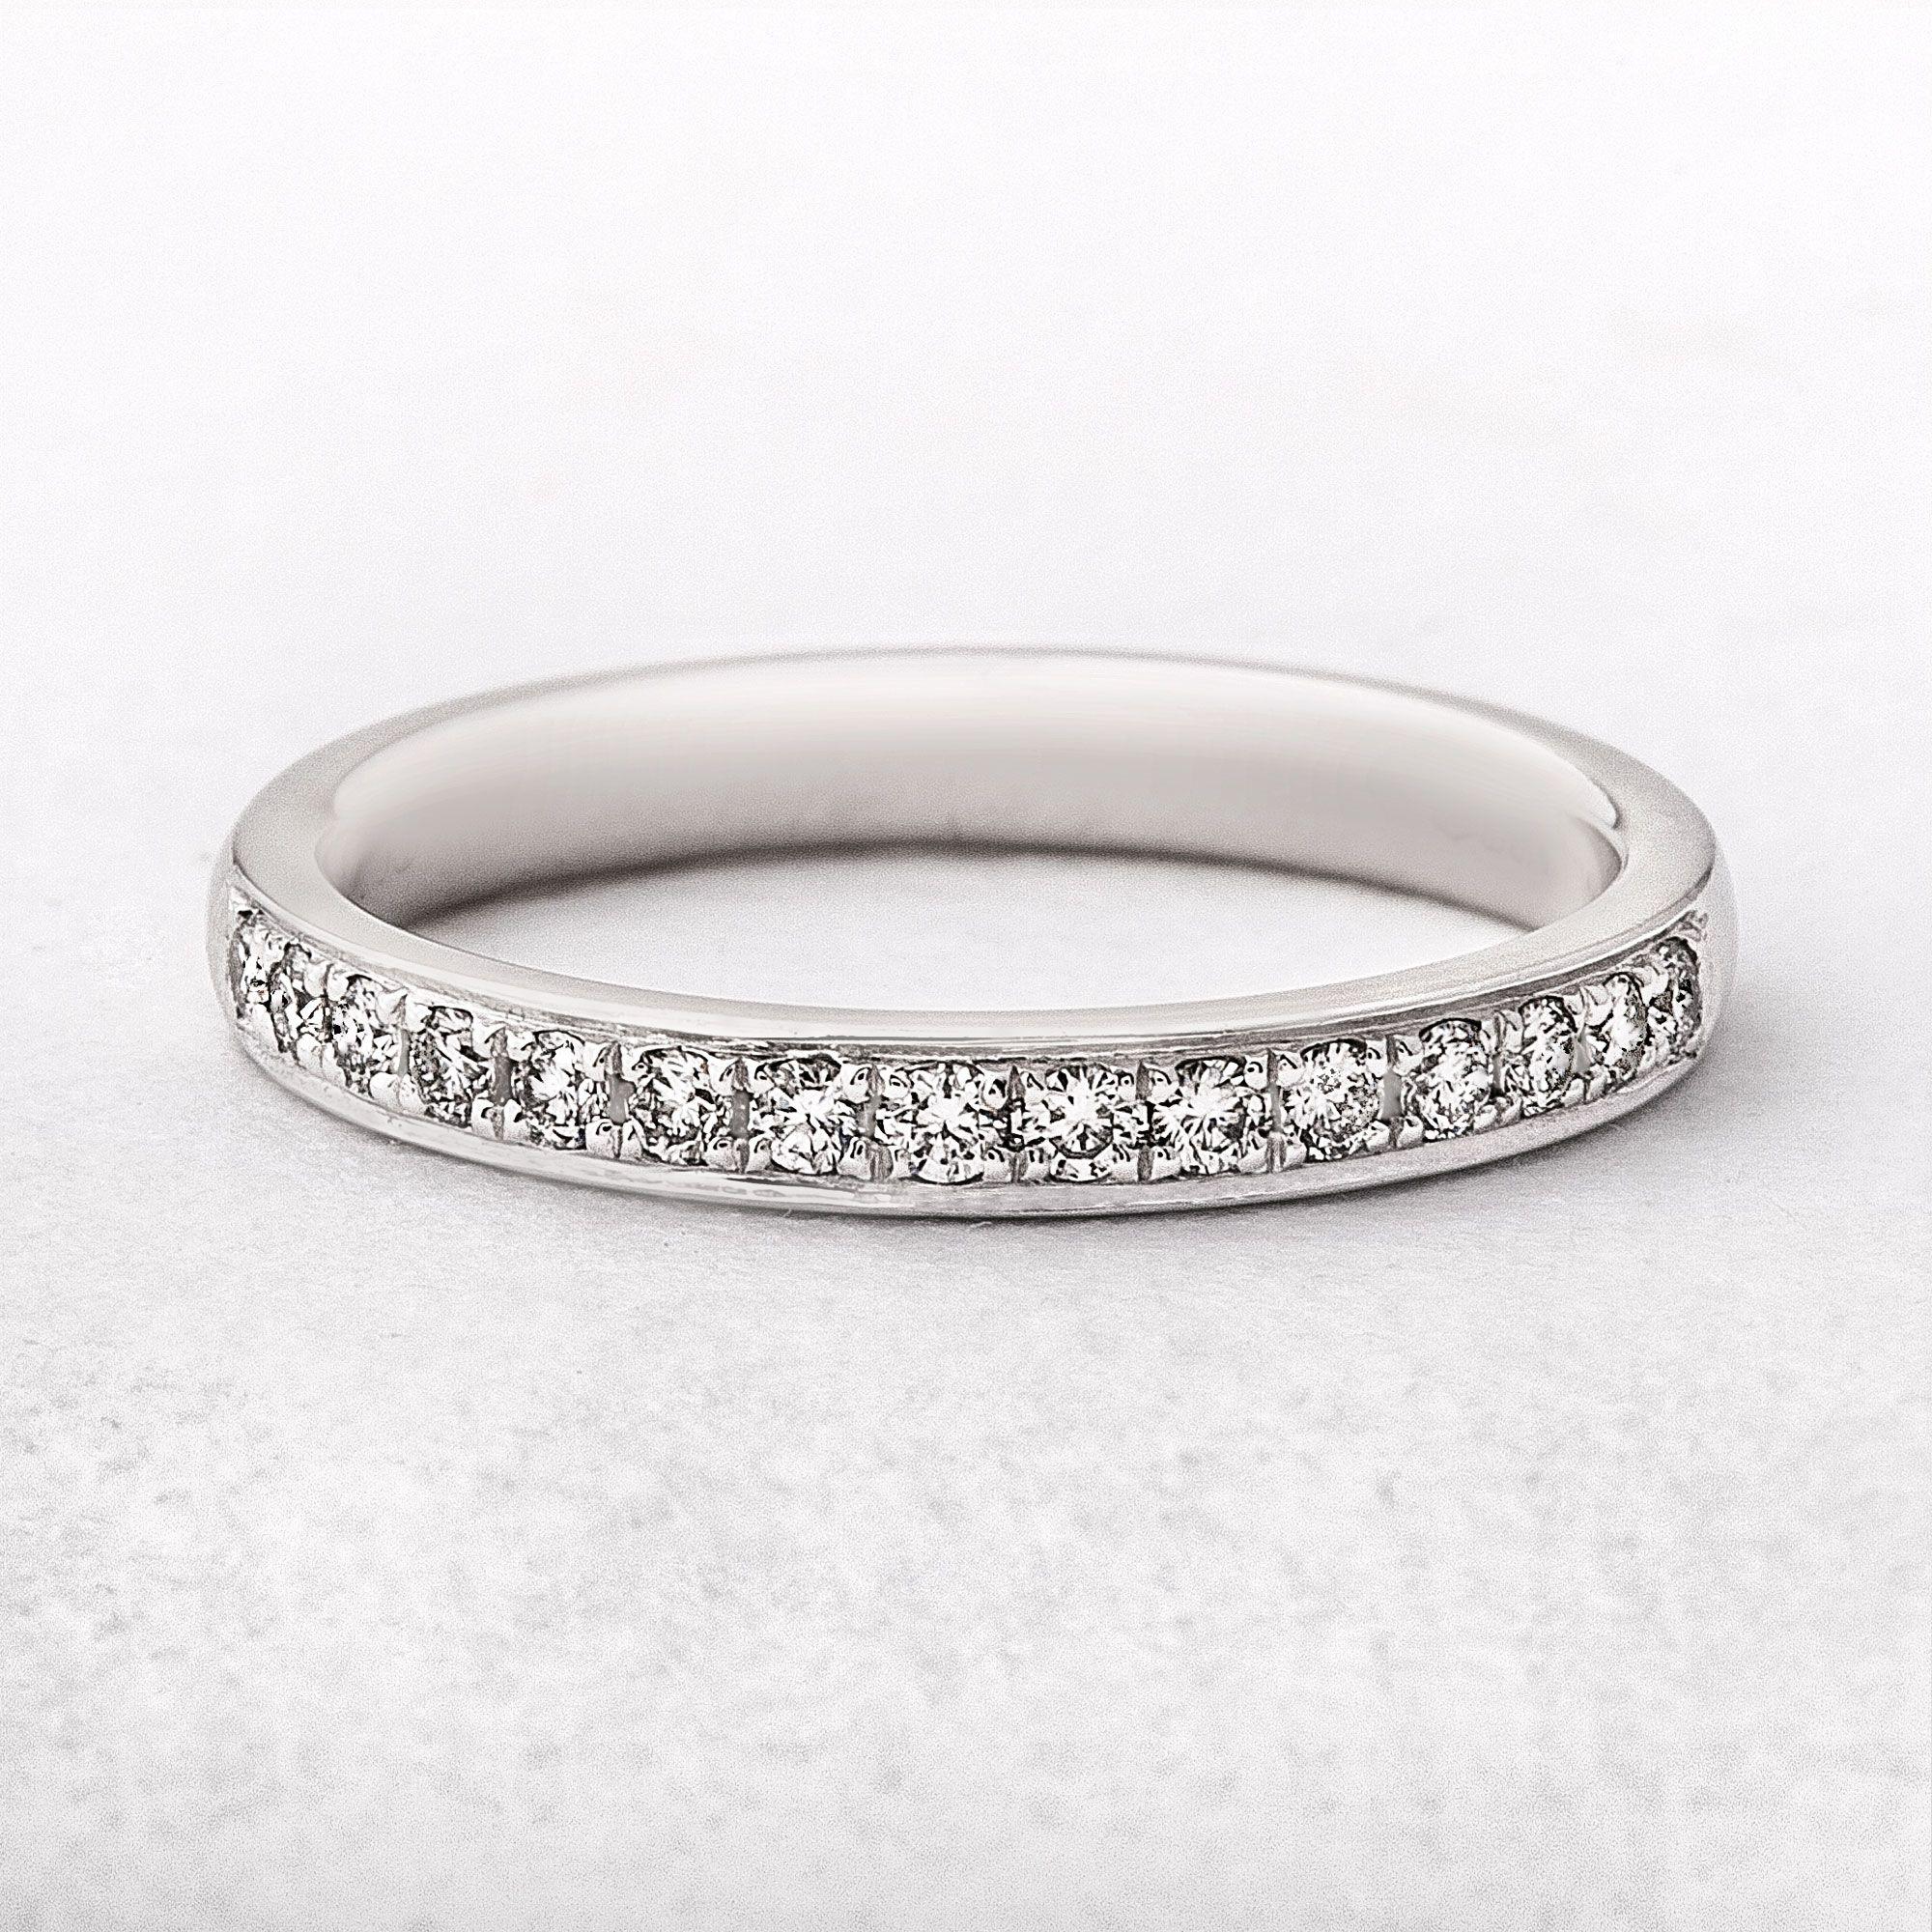 Ladies Wedding Band Platinum Diamond Grain Set Wedding Ring 0 23ct Antique Wedding Rings Rose Gold Engagement Ring Vintage Diamond Wedding Bands